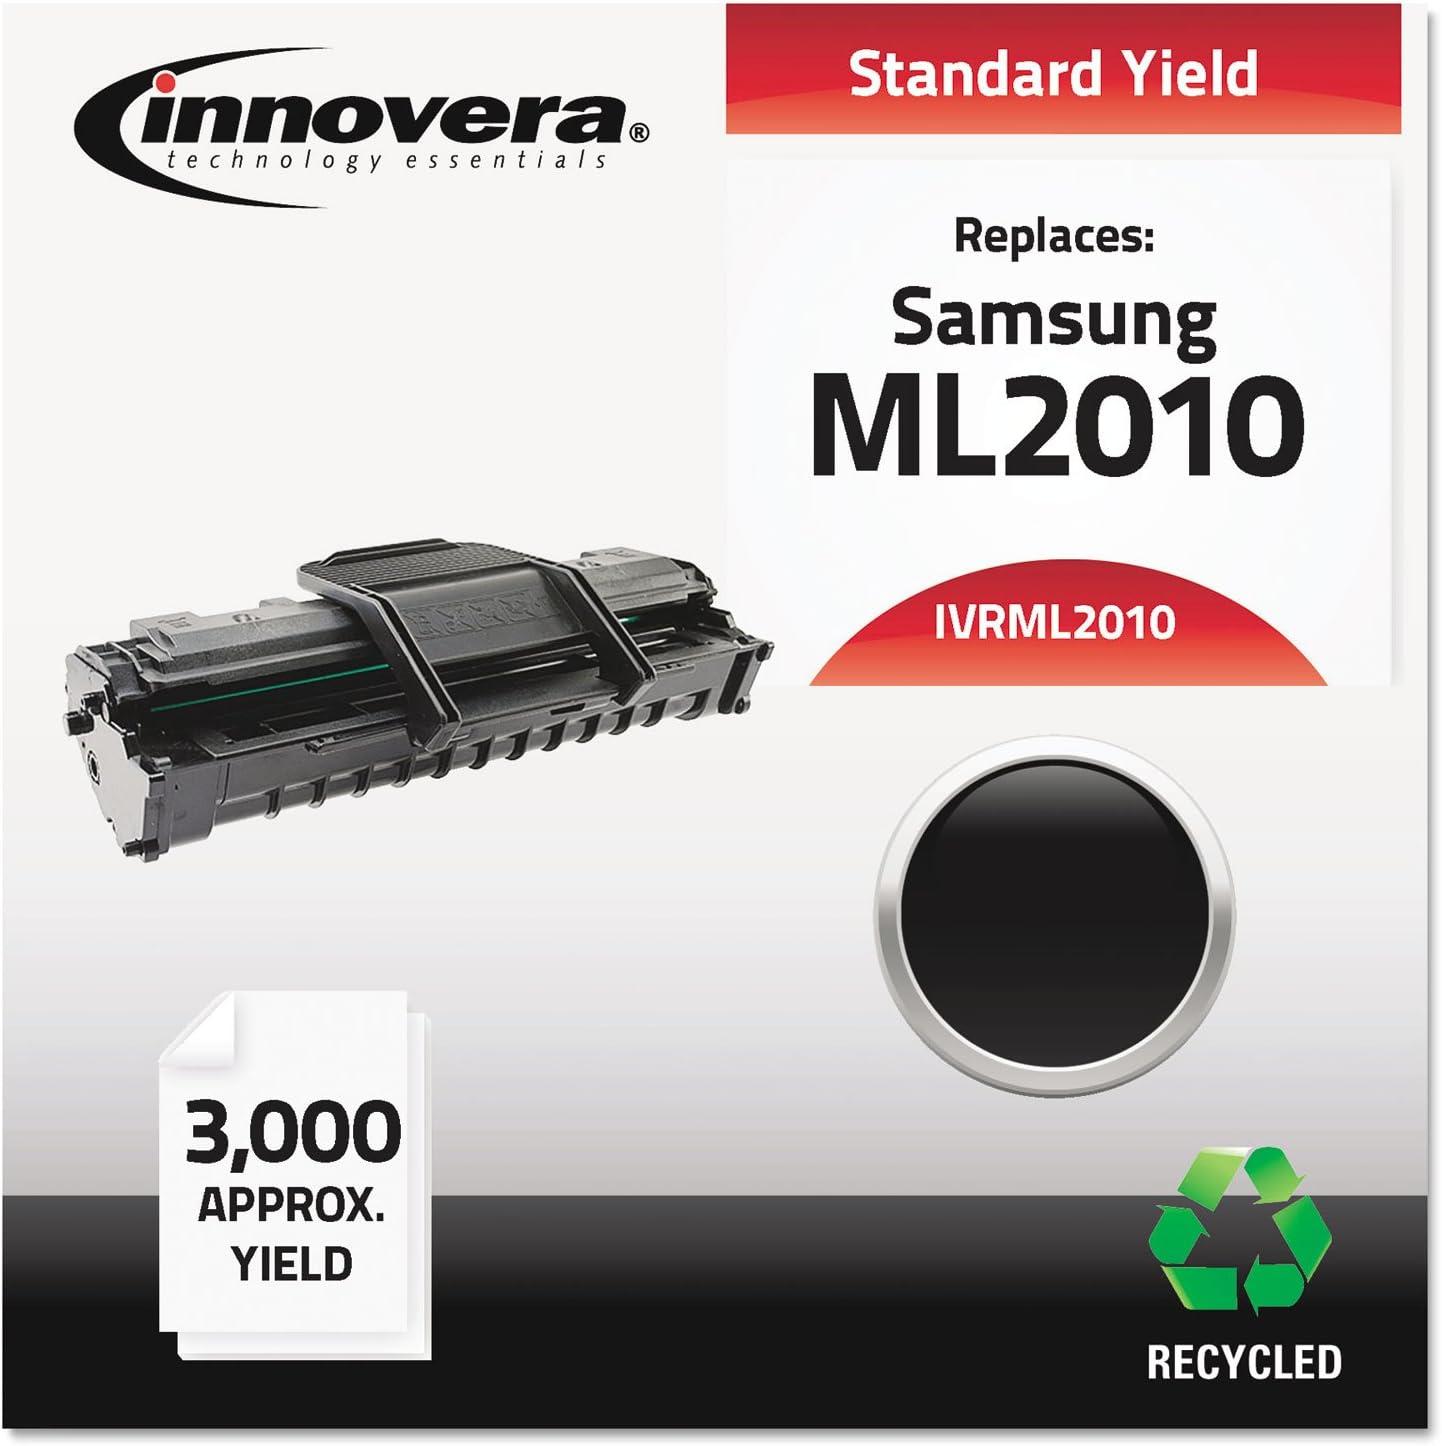 INNOVERA ML2010 Laser Toner/Drum for Samsung ml-2010